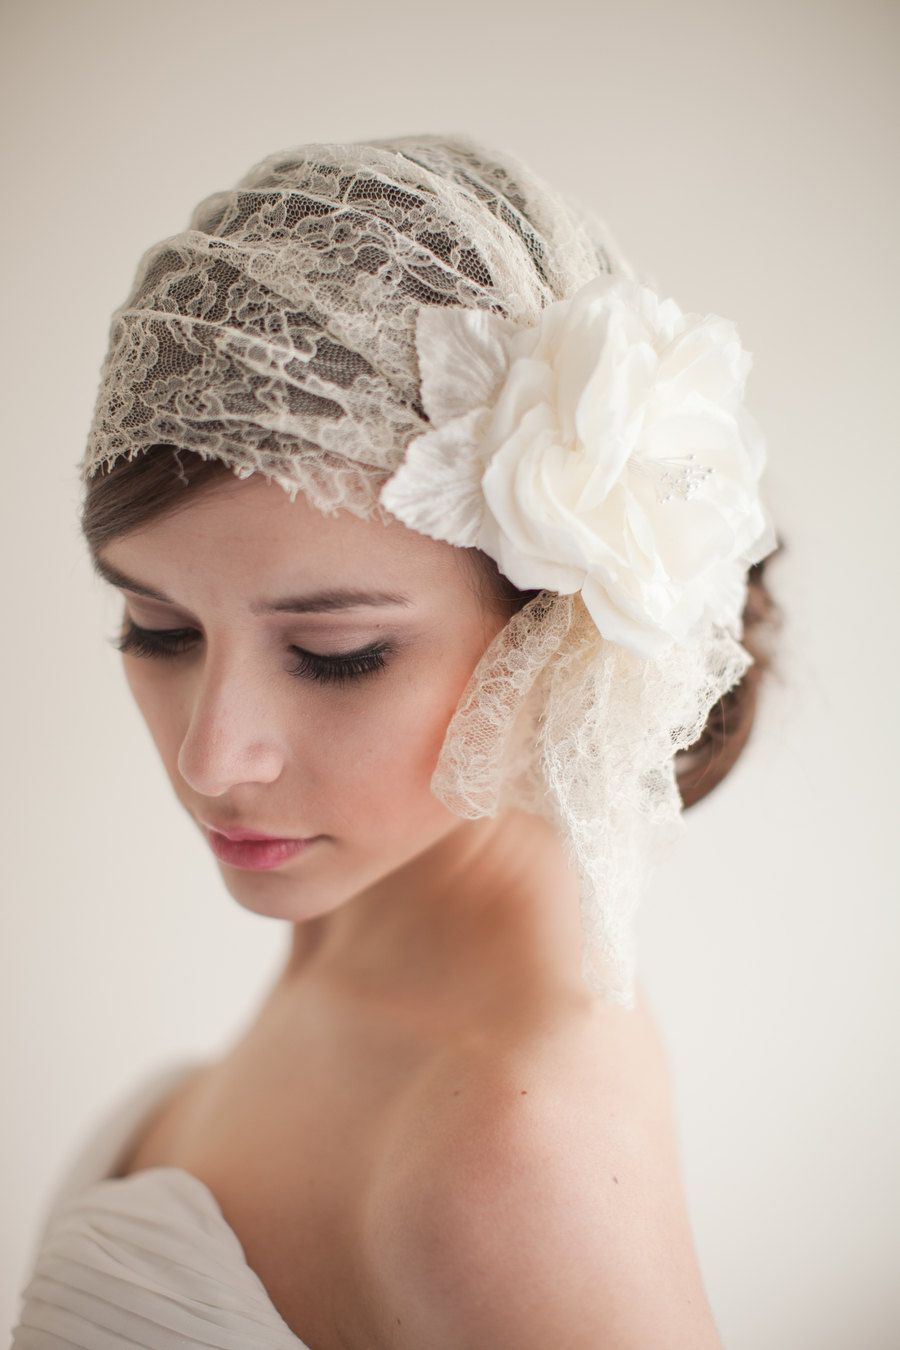 Casquete vintage de novia con flor incorporada en el tocado.  Blog  Innovias 62ef5976658